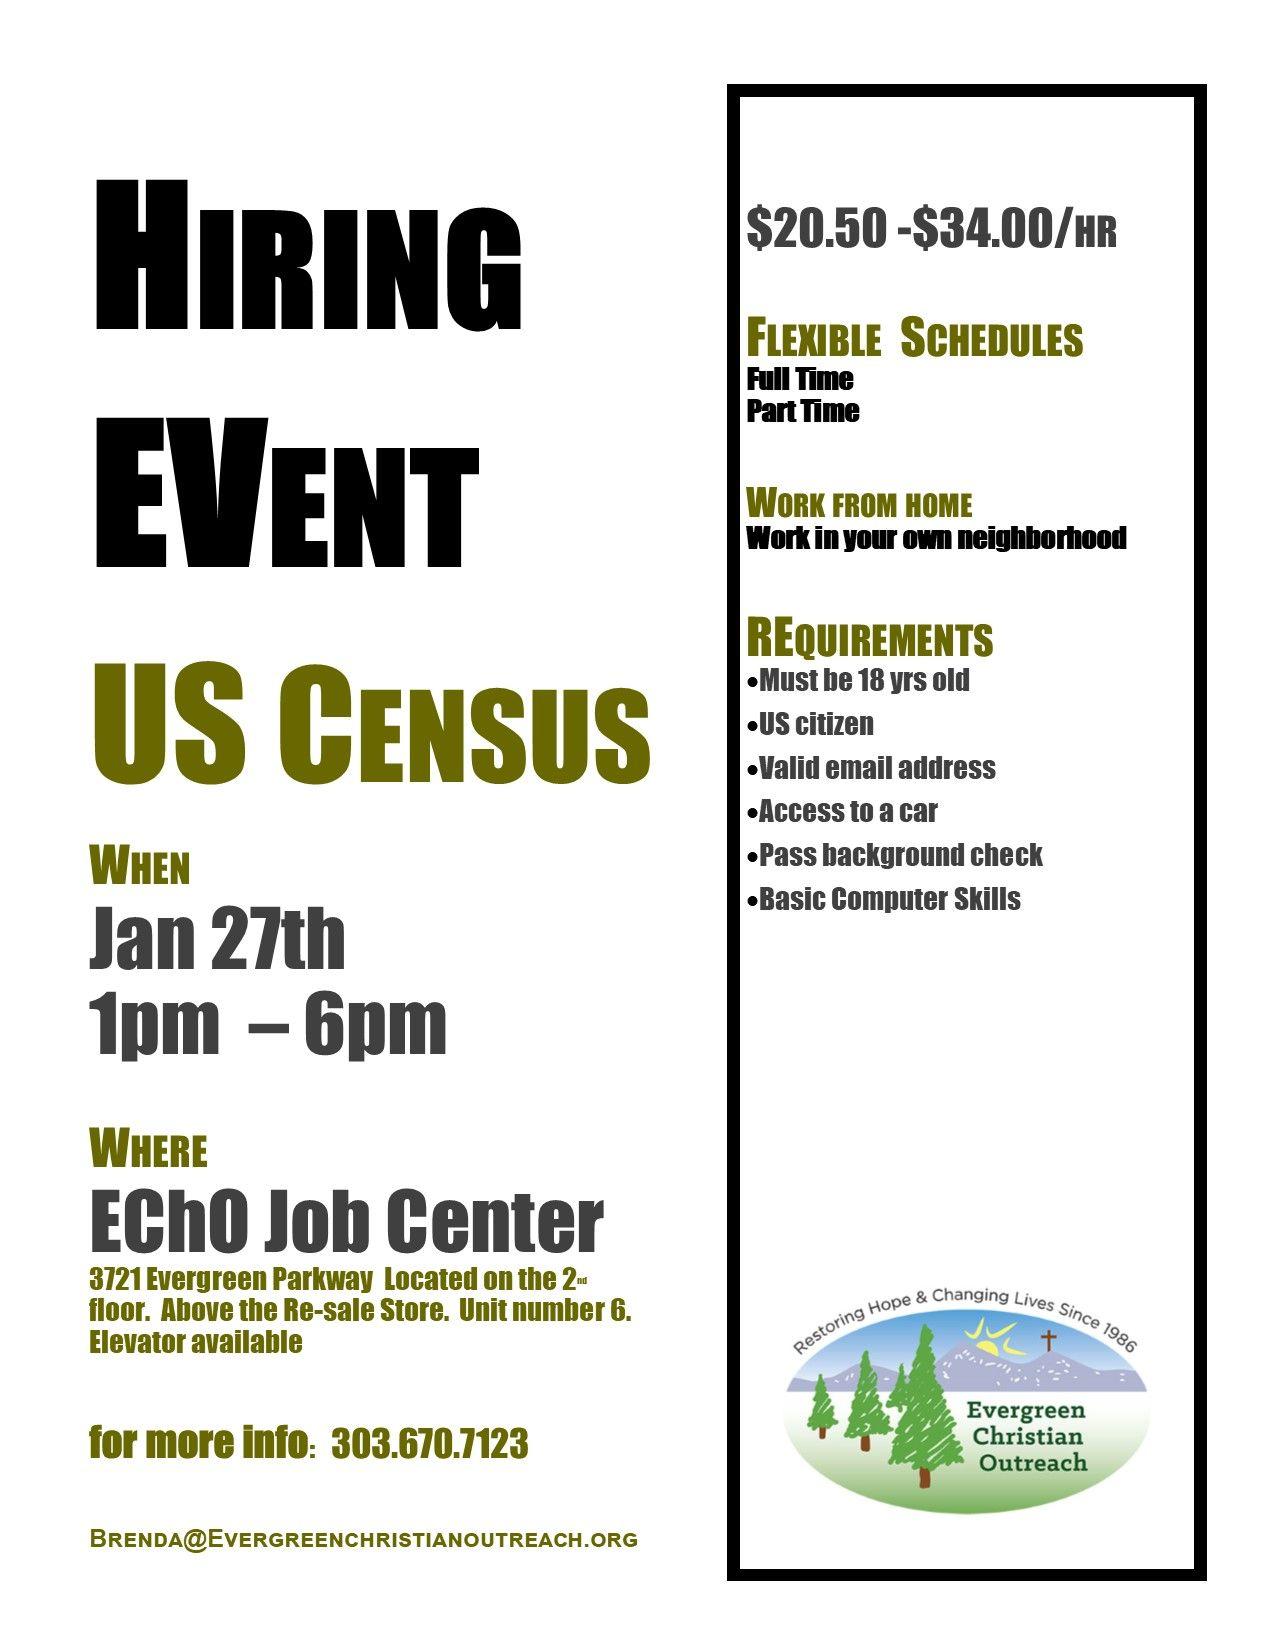 HIRING EVENT: U.S. Census